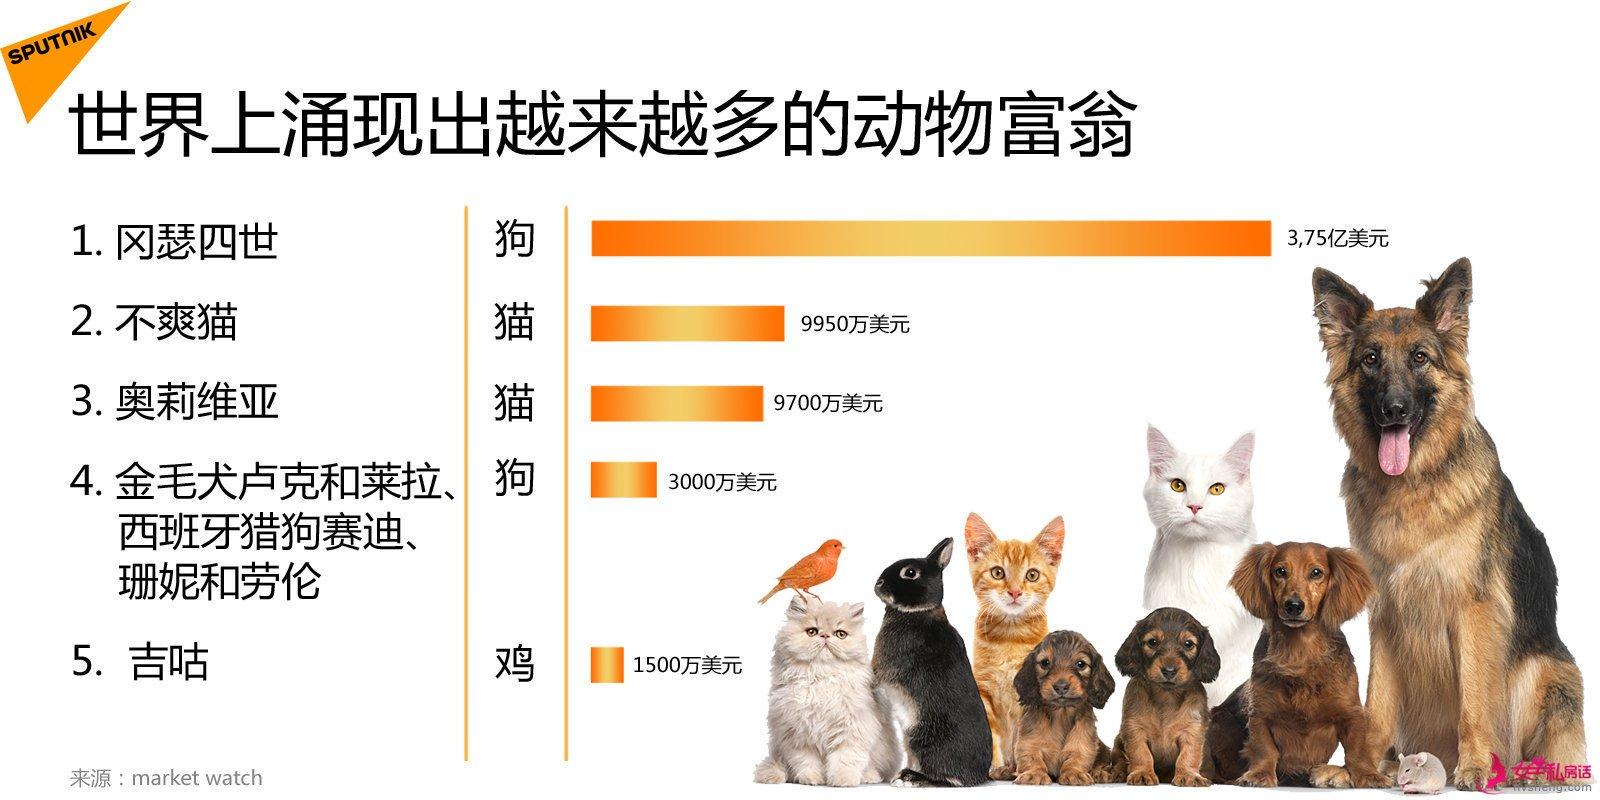 动物都比你有钱!全球动物富翁越来越多,不仅仅是老佛爷的宠物猫